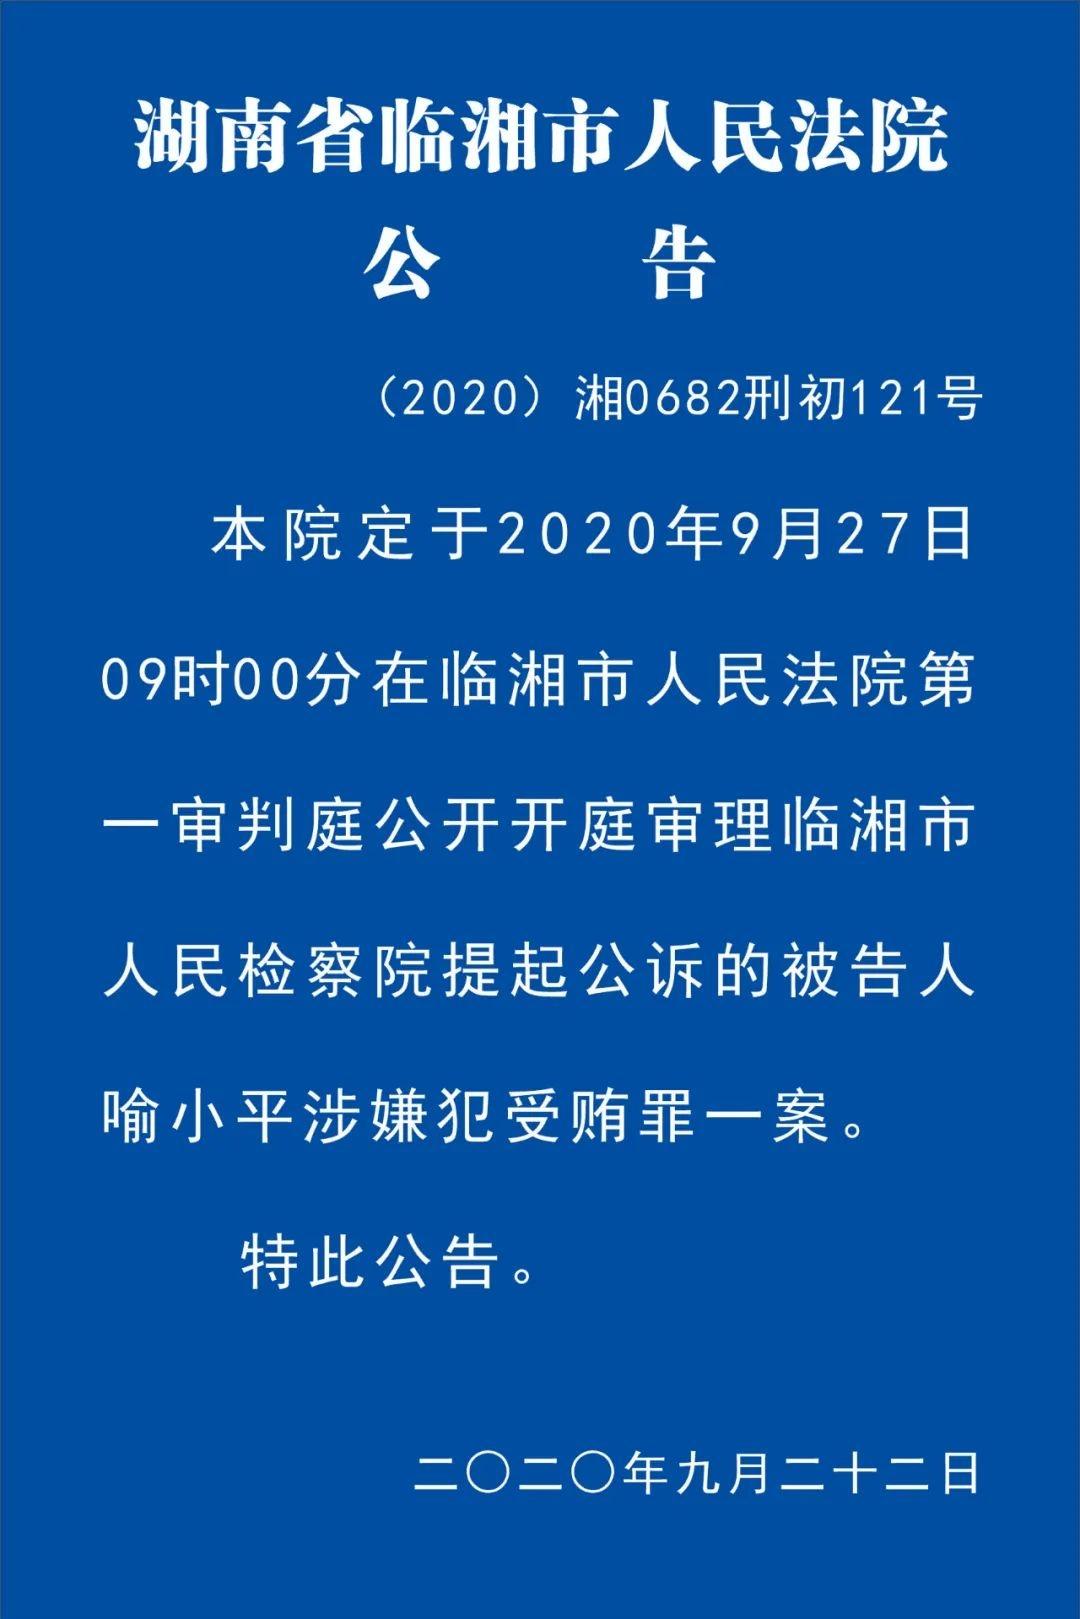 临湘市人民法院关于喻小平涉嫌犯受贿罪一案开庭审理的公告